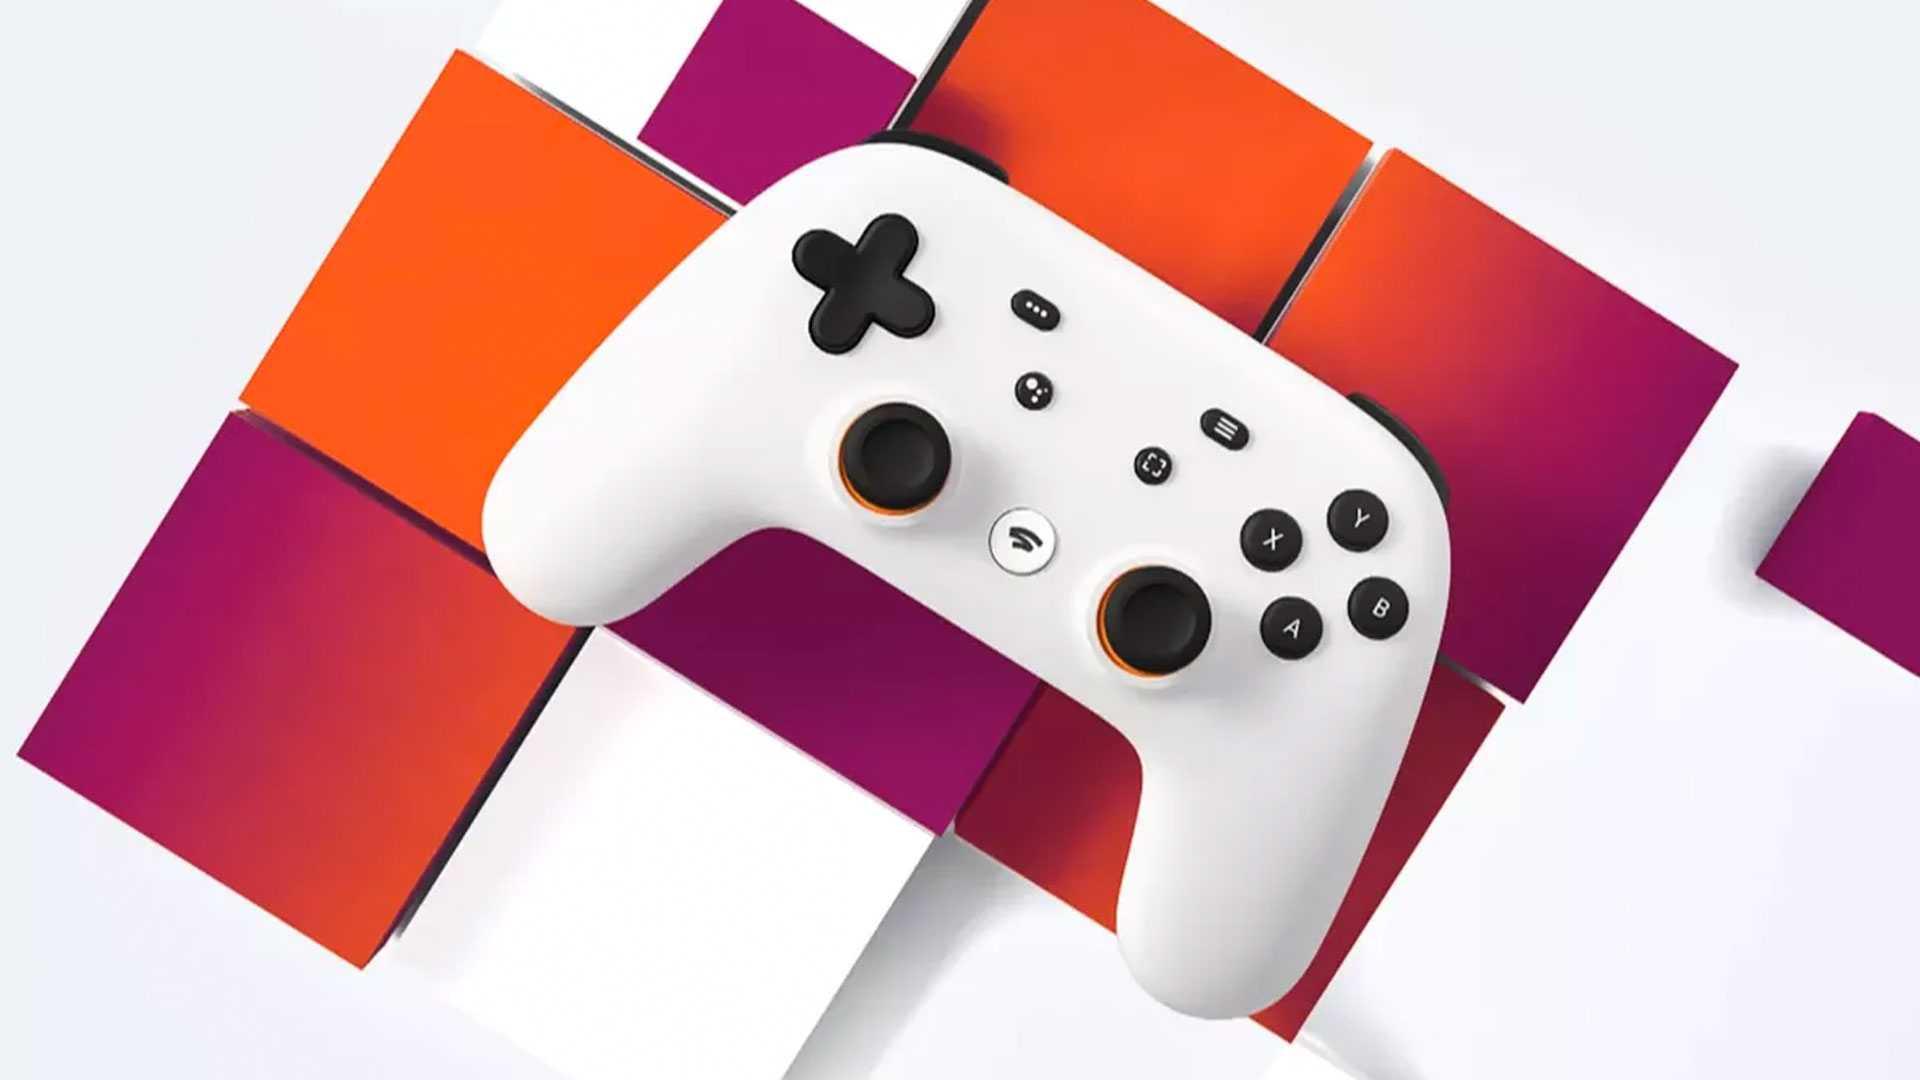 Источники в неудавшейся игровой студии Google говорят, что ей следовало просто купить студии и оставить их в покое, как Microsoft